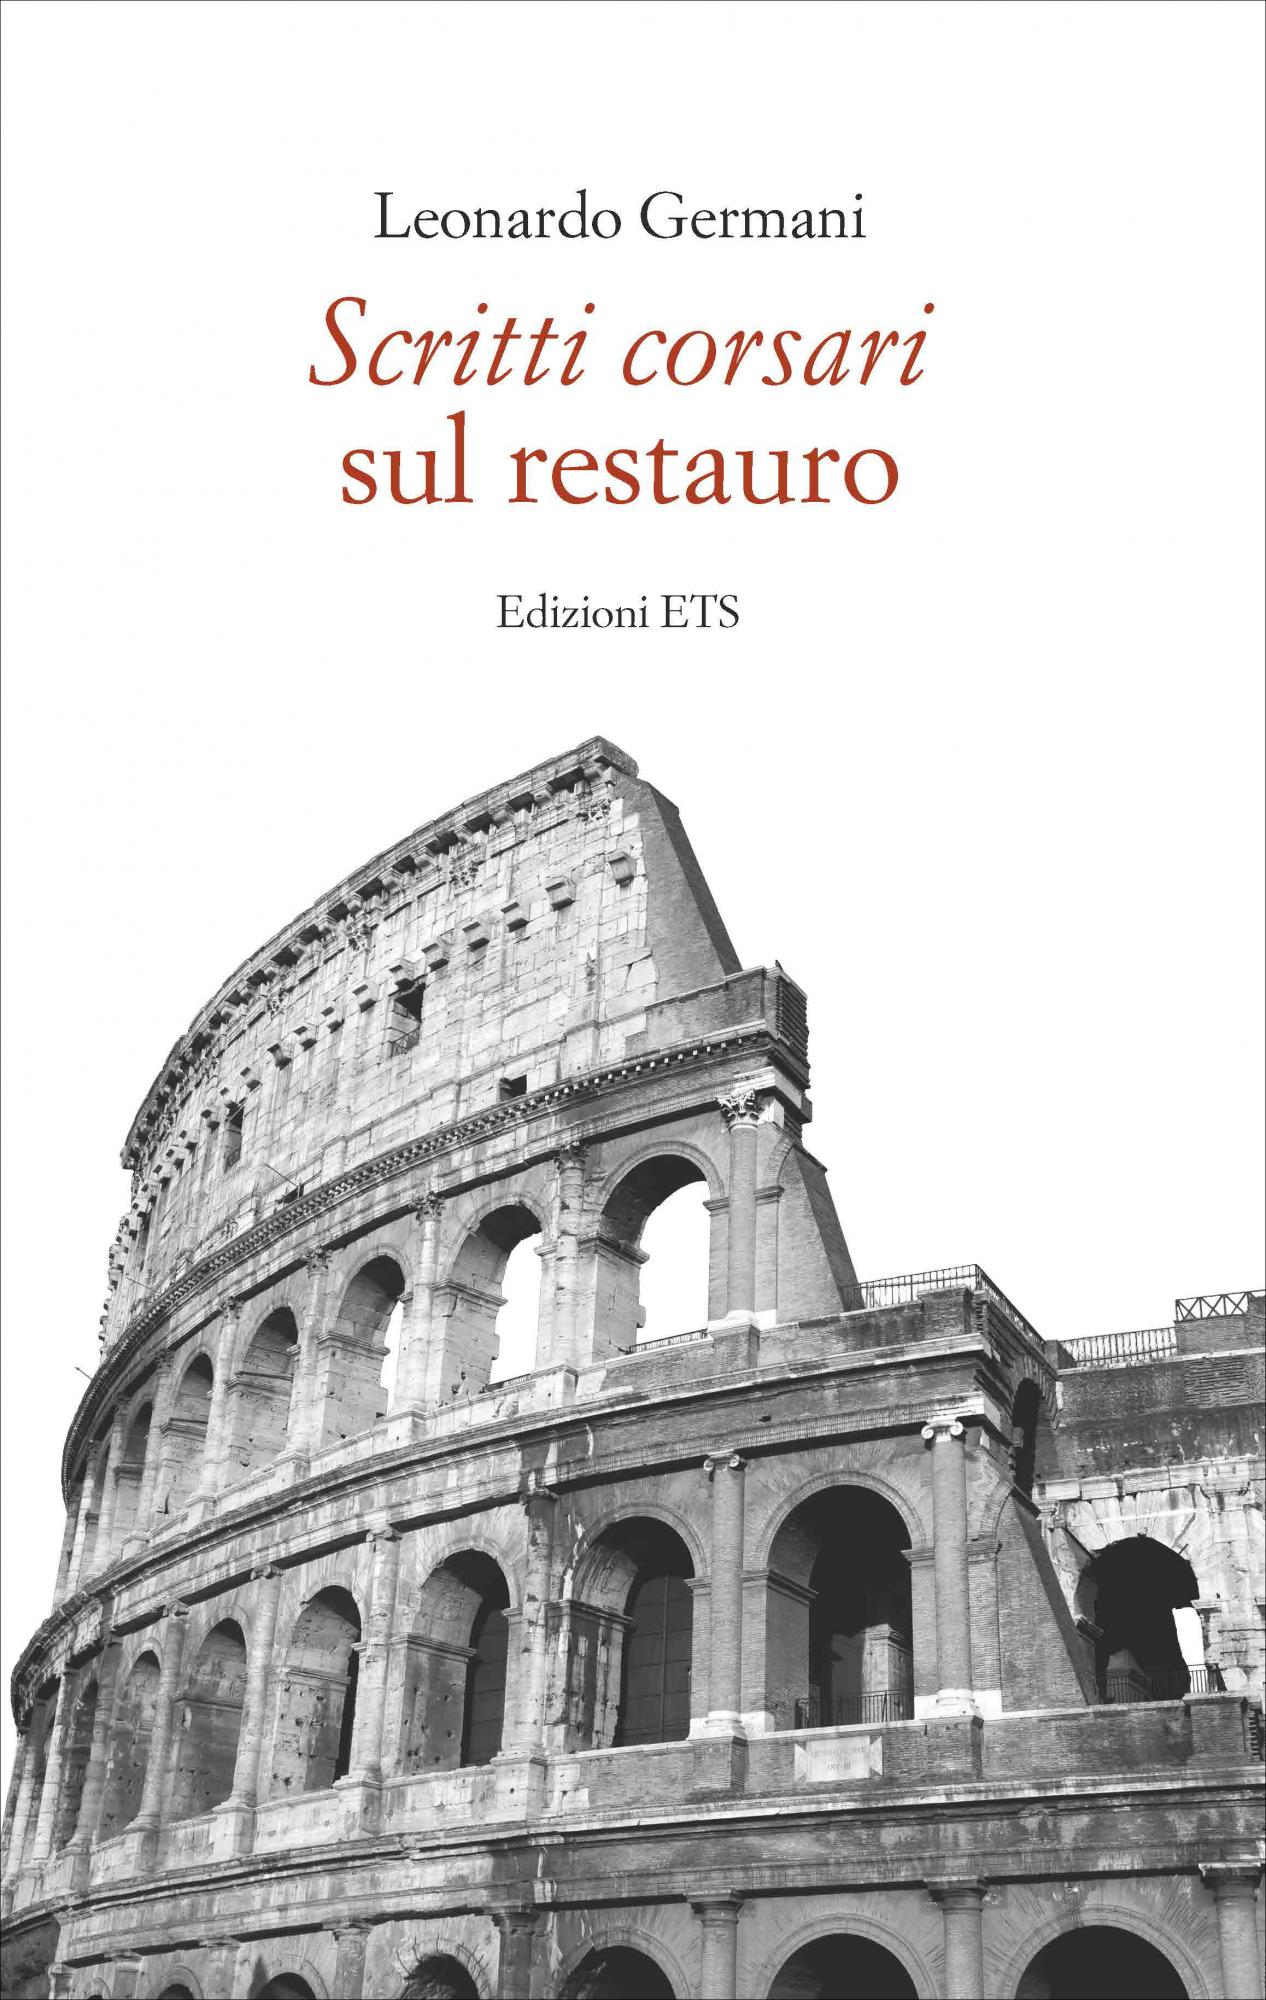 Scritti corsari sul restauro